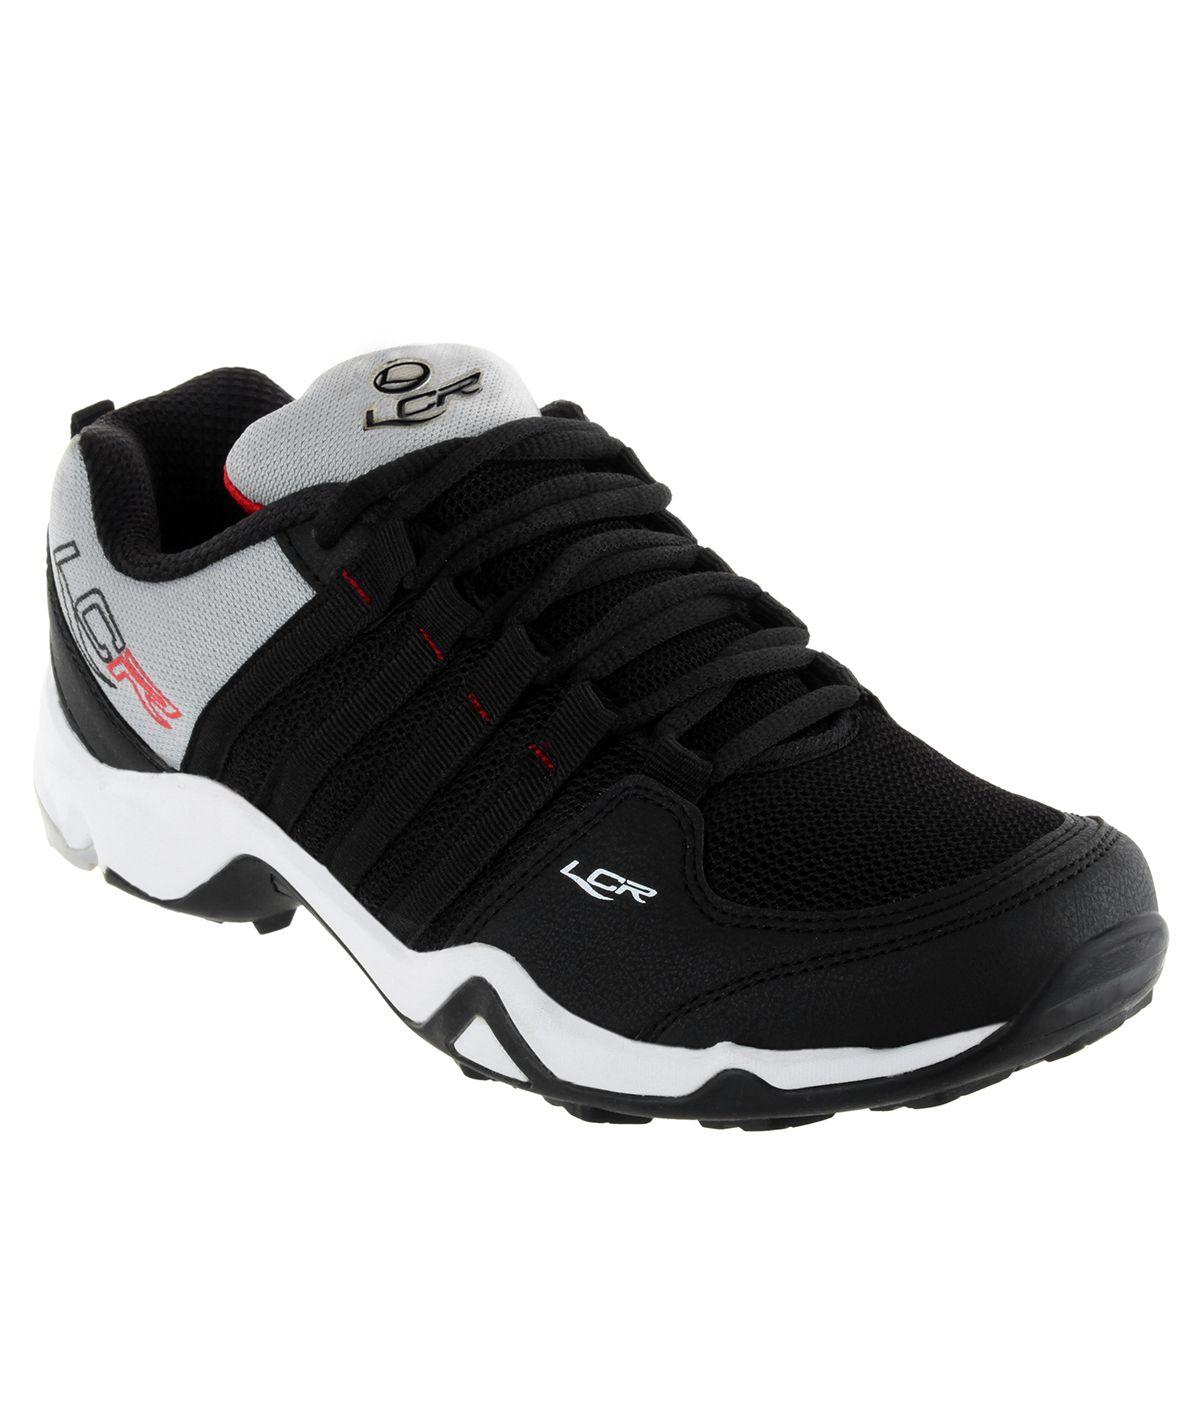 Lancer Black Running Shoes - Buy Lancer Black Running Shoes Online ... f31f62a6de6a